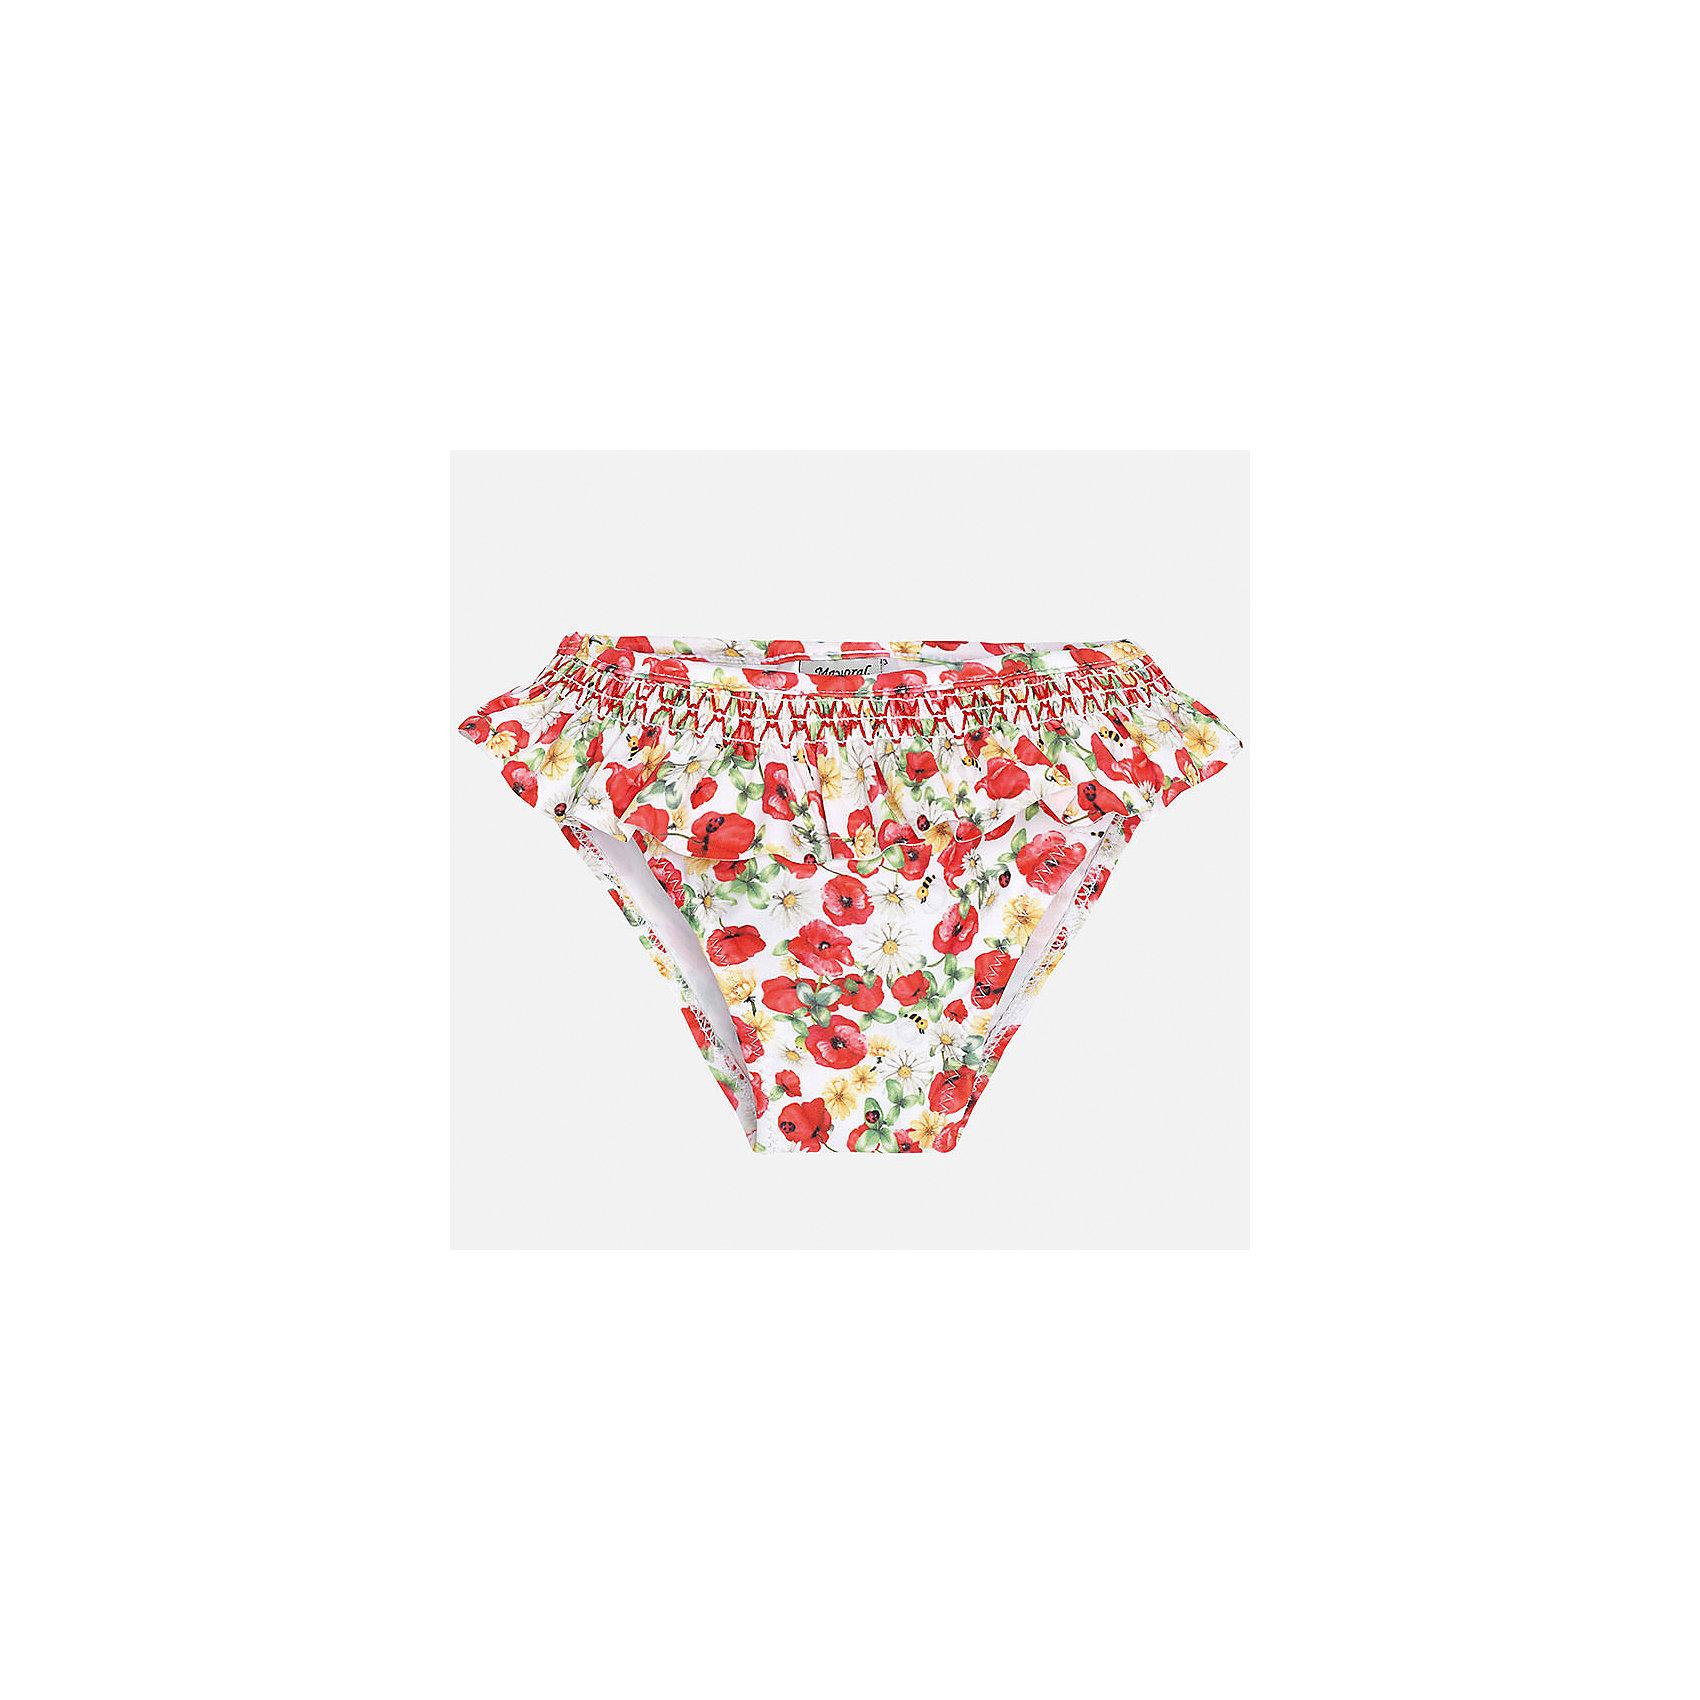 Плавки для девочки MayoralКупальники и плавки<br>Характеристики товара:<br><br>• цвет: белый/красный<br>• состав: верх - 85% полиамид, 15% эластан, подкладка - 96% полиамид, 4% эластан<br>• украшены оборками <br>• цветочный принт<br>• с подкладкой<br>• быстросохнущий материал<br>• страна бренда: Испания<br><br>Одежда для купания должна быть удобной! Эти плавки для девочки не только хорошо сидят на ребенке, не стесняя движения и не натирая, они отлично смотрятся! Сшиты из плотной эластичной ткани, но она очень быстро высыхает. Интересная отделка модели делает её нарядной и оригинальной.<br> <br>Одежда, обувь и аксессуары от испанского бренда Mayoral полюбились детям и взрослым по всему миру. Модели этой марки - стильные и удобные. Для их производства используются только безопасные, качественные материалы и фурнитура. Порадуйте ребенка модными и красивыми вещами от Mayoral! <br><br>Плавки для девочки от испанского бренда Mayoral (Майорал) можно купить в нашем интернет-магазине.<br><br>Ширина мм: 183<br>Глубина мм: 60<br>Высота мм: 135<br>Вес г: 119<br>Цвет: красный<br>Возраст от месяцев: 12<br>Возраст до месяцев: 18<br>Пол: Женский<br>Возраст: Детский<br>Размер: 86,92,80<br>SKU: 5289036